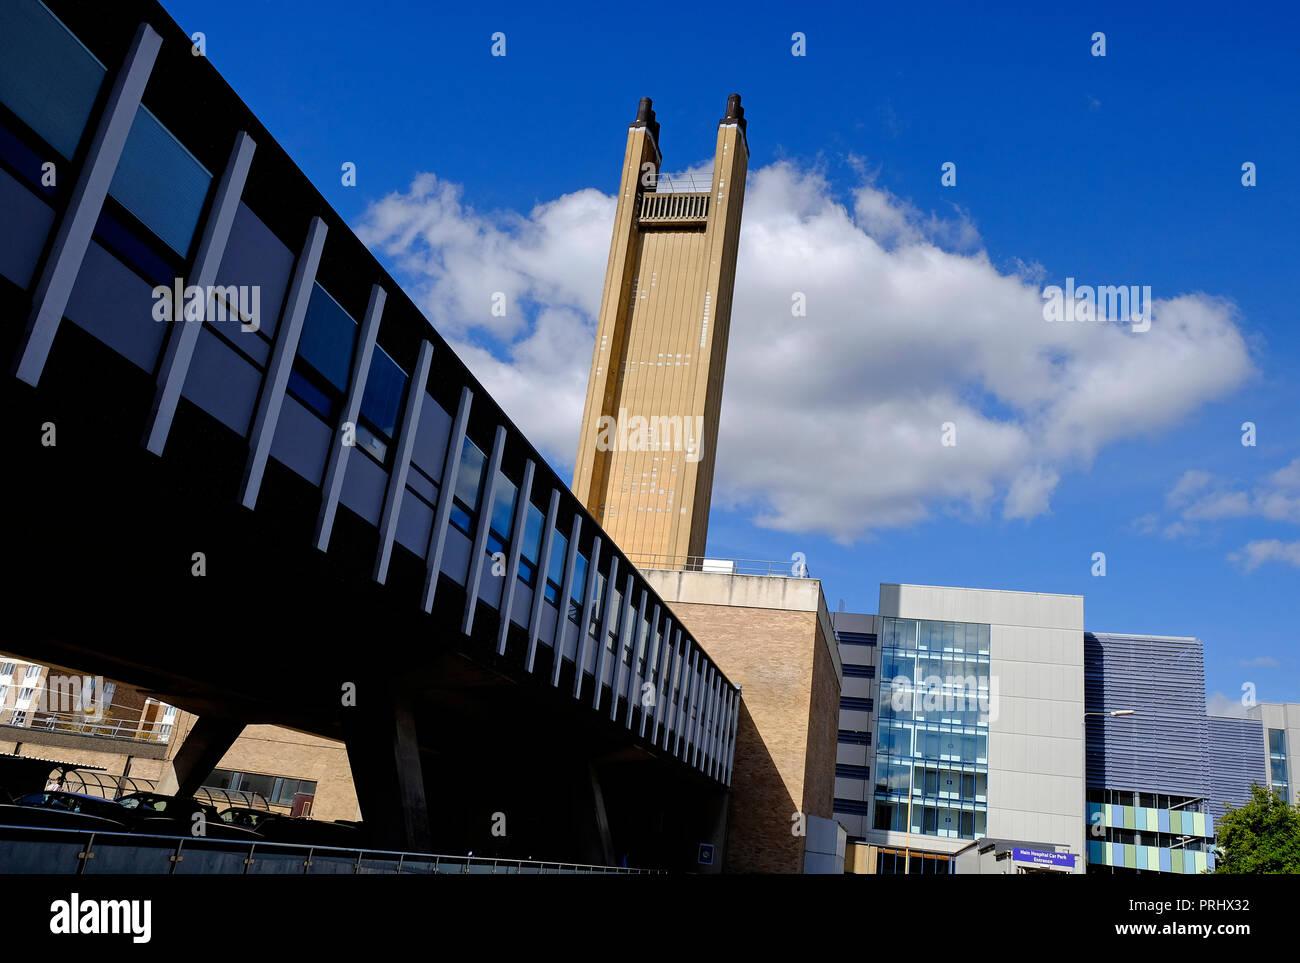 addenbrooke's, cambridge university hospital, england - Stock Image